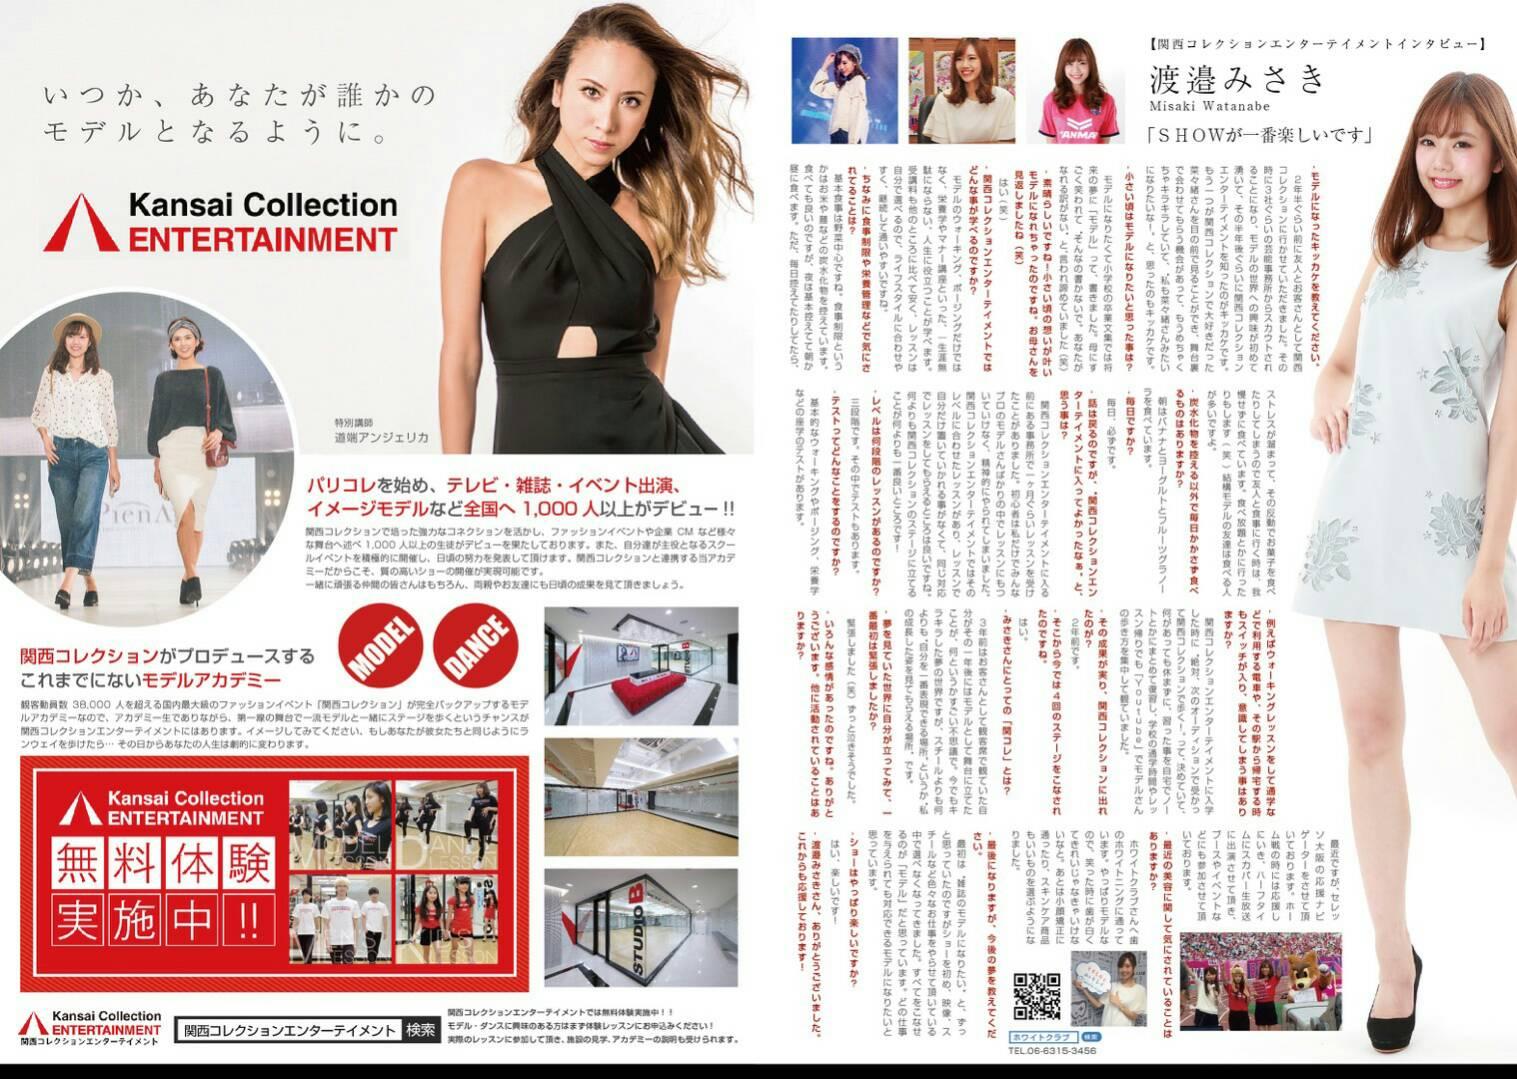 モデルの渡邉みさきさんが誌面で当店をご紹介下さいました。